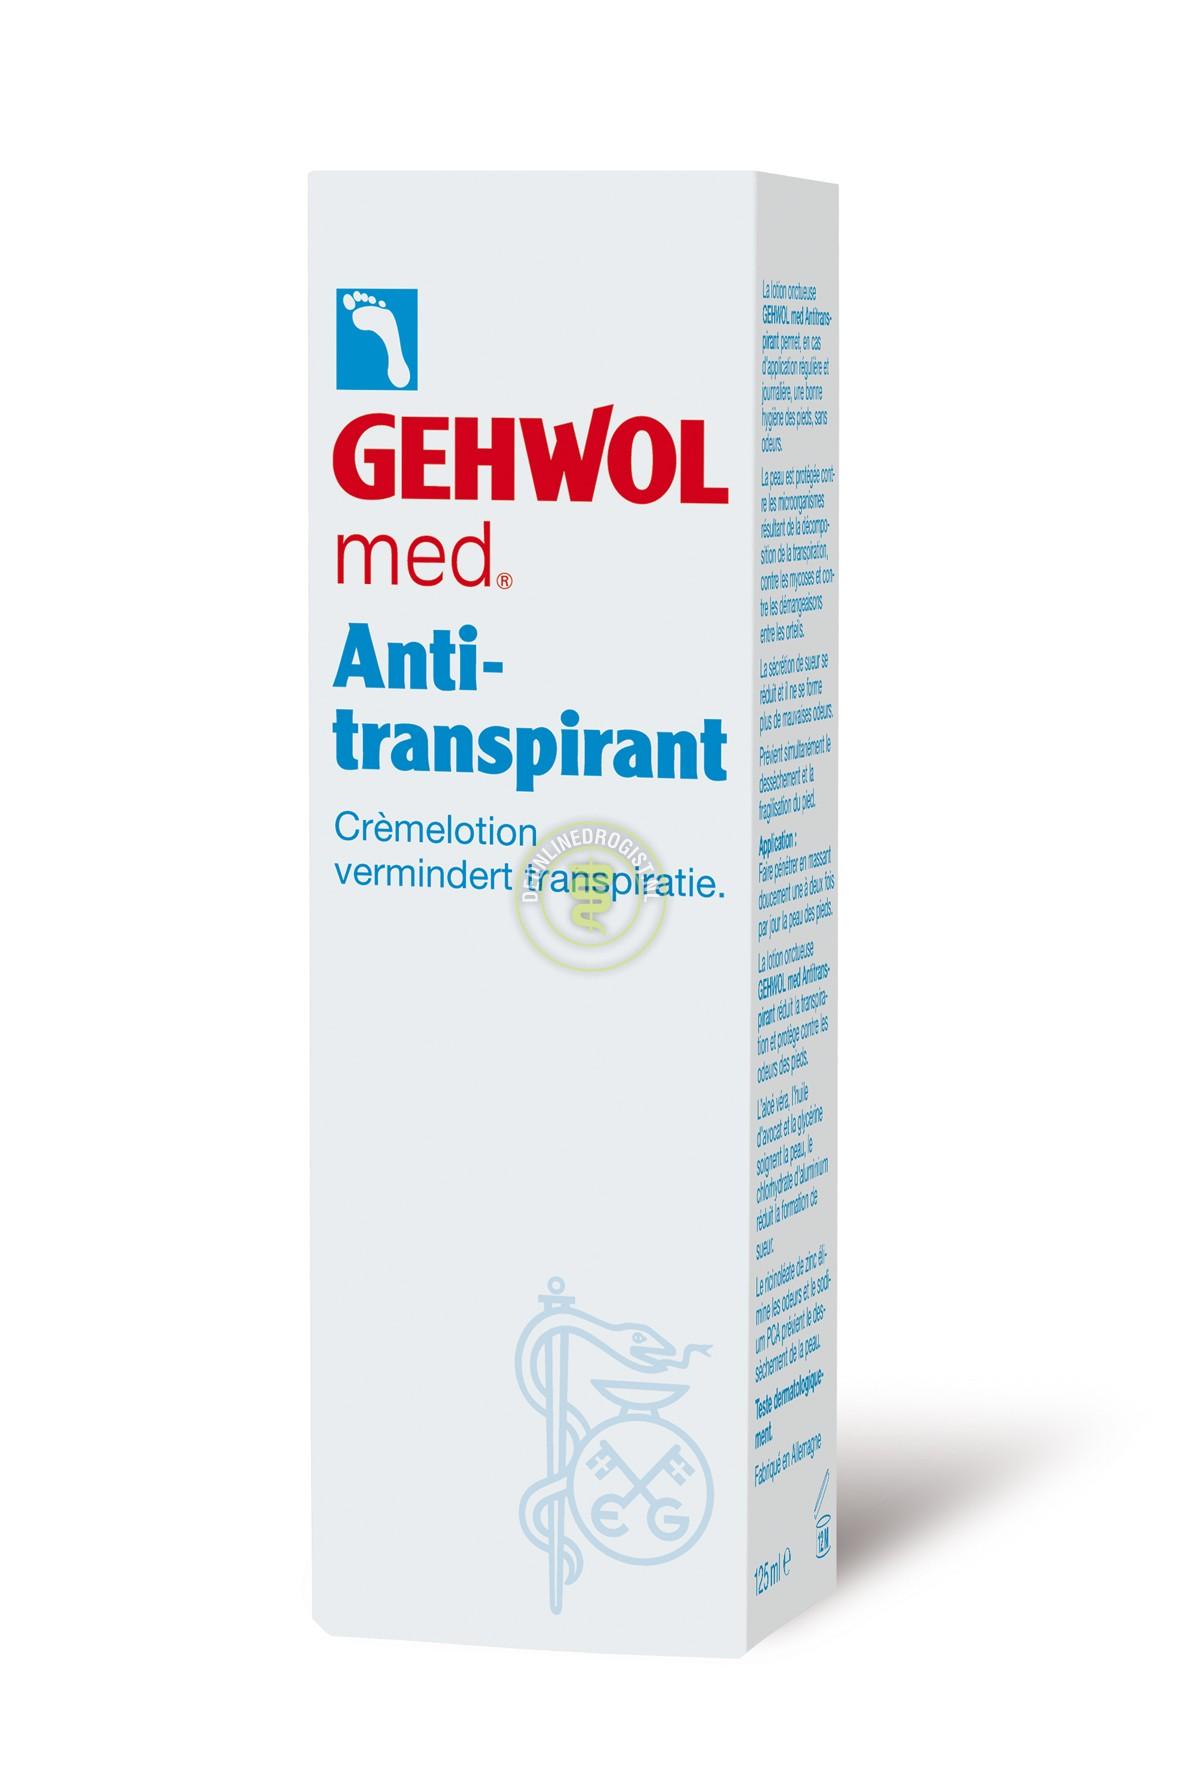 GEHWOL Крем-лосьон антиперспирант 125млДезодоранты<br>Крем настолько эффективен, что его двух разового применения достаточно для достижения заметного результата. В случае особенно интенсивного потоотделения желательно наносить крем ежедневно. Активные ингредиенты:&amp;nbsp;вода гидроксихлорид алюминия, плое вера, изопропилпальмитат, глицерилстеарат, ПЭГ-100 стеарат, октилдодеканол, глицерин, масло авокадо, циклометикон, глицерилстеарат, цетиловый спирт, цинка рицинолеат, натрия РСА, гидроксипропилметилцеллюлоза, отдушка, пропиленгликоль, климбазол, триклазан, этилпарабен, имидозалилмочевина, тетрагидроксипропил этилендиамин и др. Способ применения: ежедневно утром и/или вечером наносите на чистую и сухую кожу стоп тонким слоем.<br><br>Тип: Крем-лосьон<br>Объем: 125